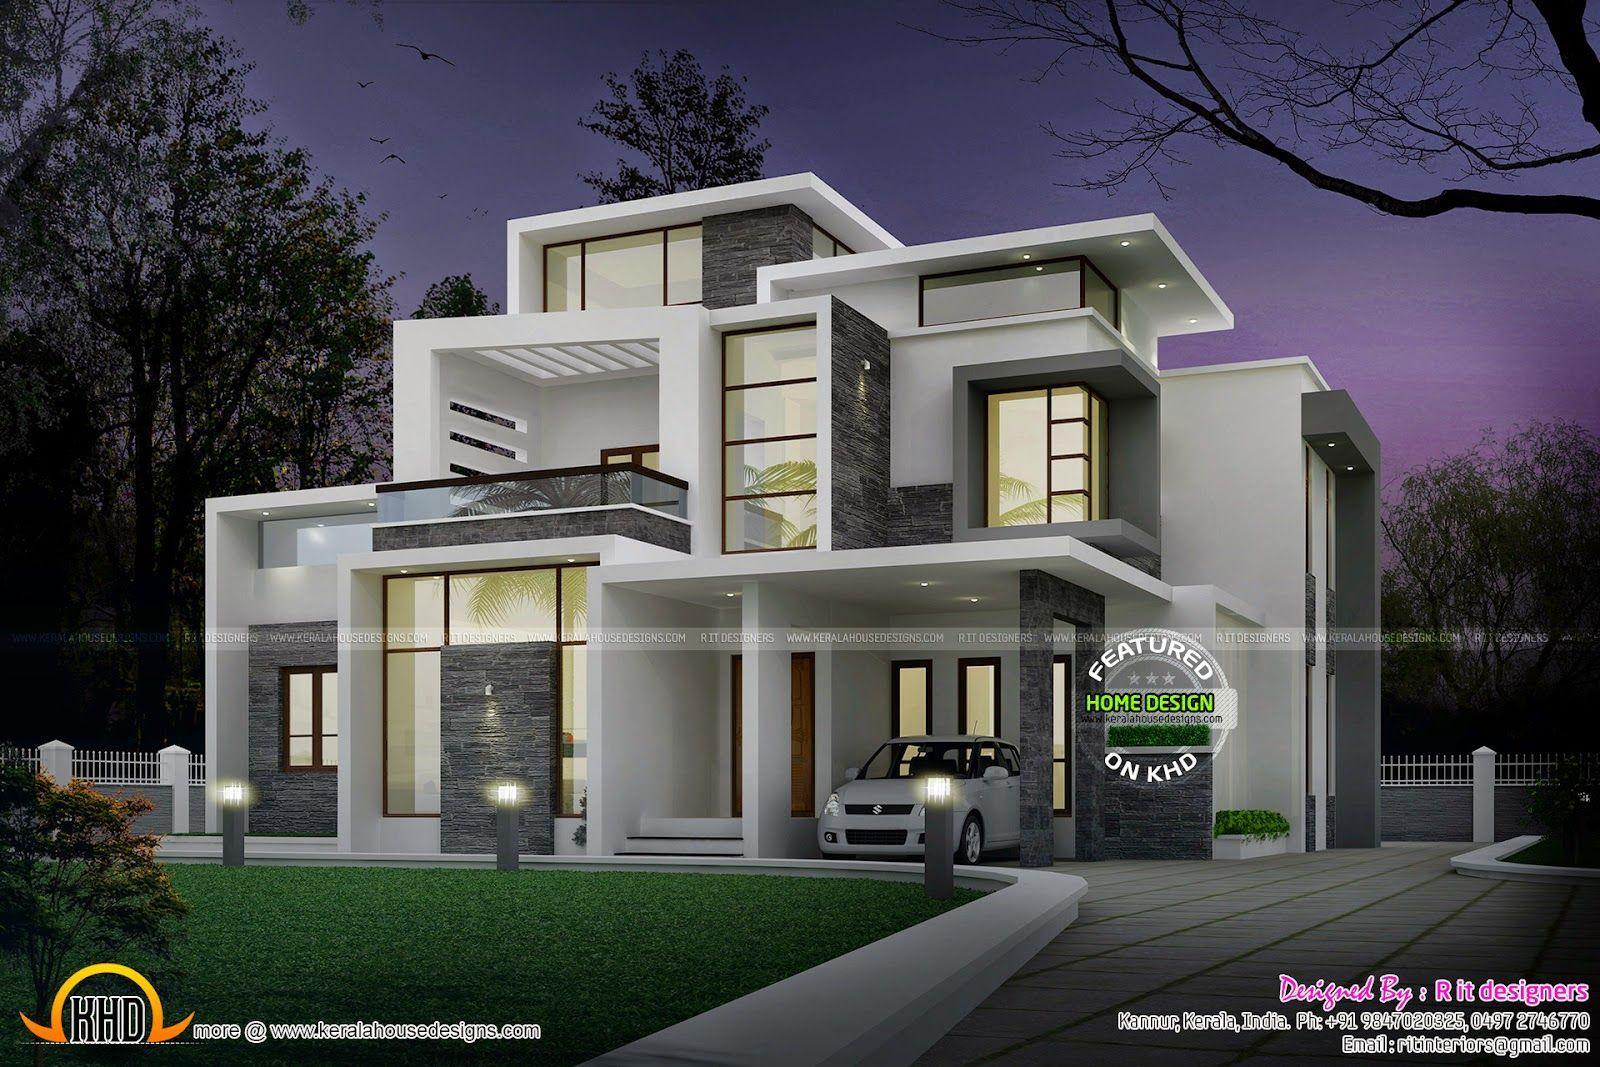 Grand contemporary home design kerala home design and simple